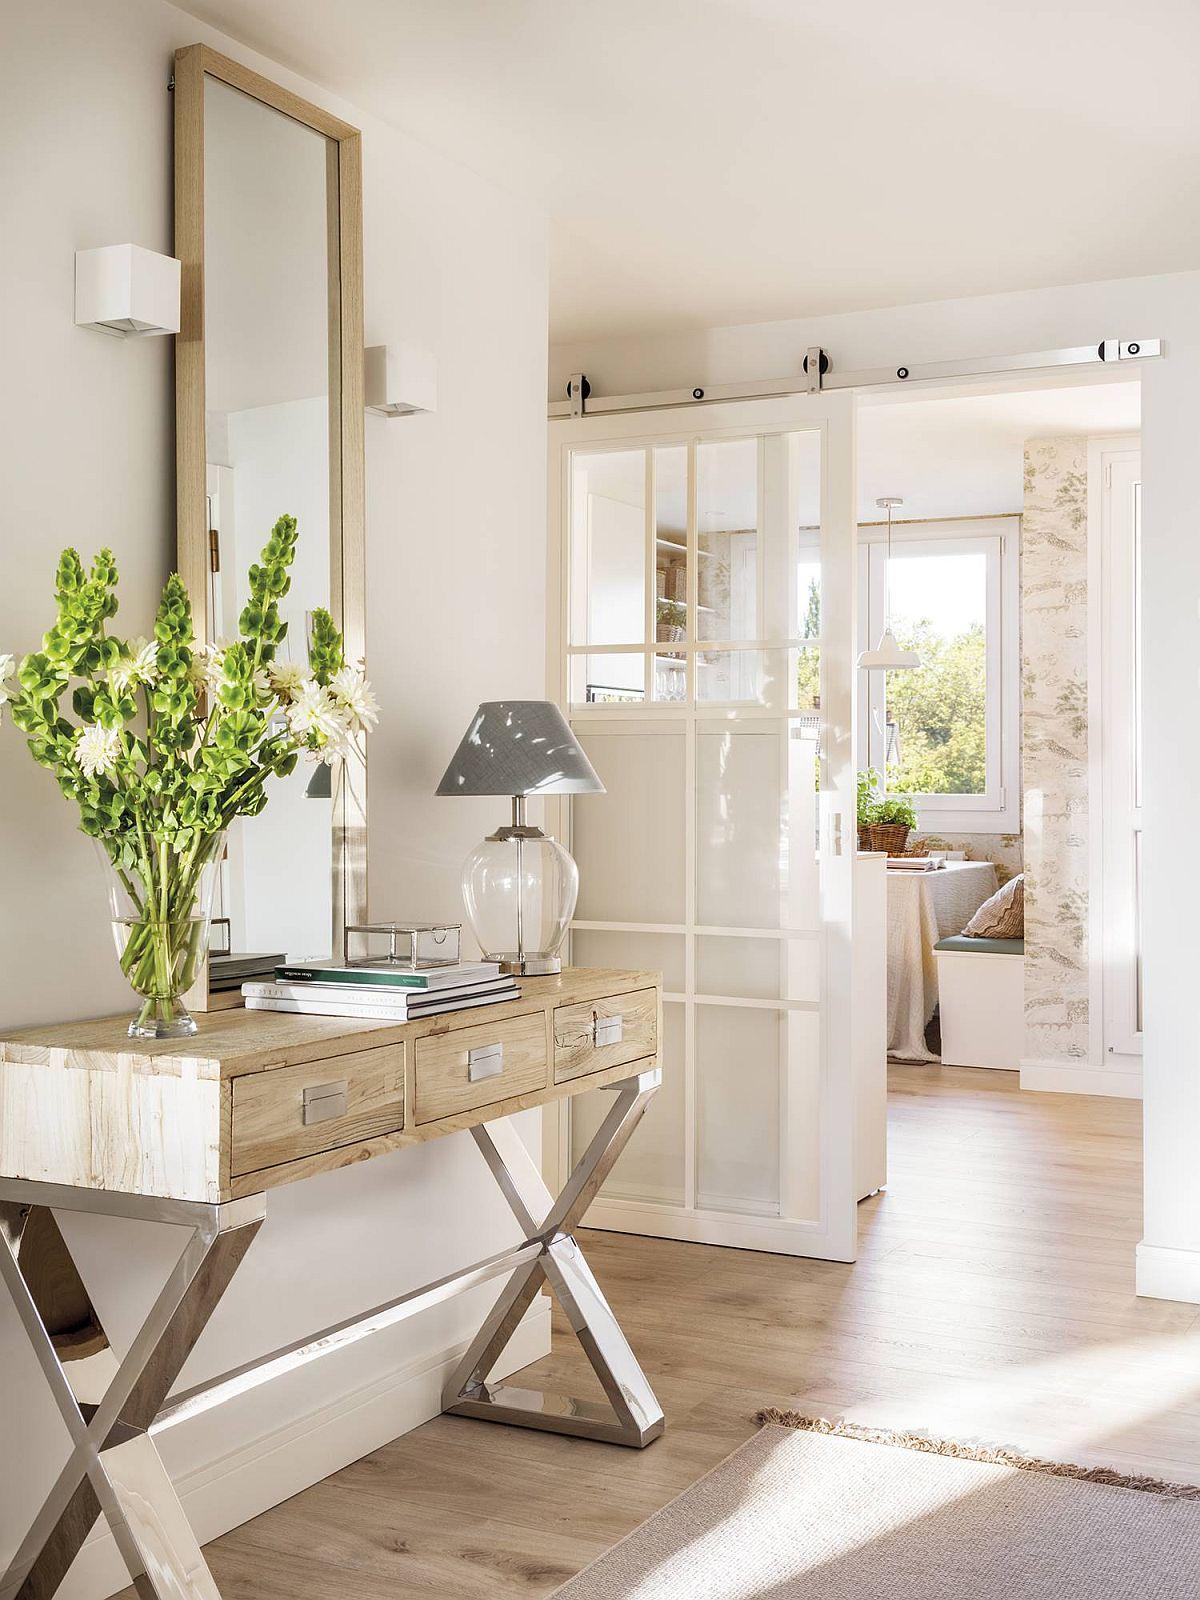 adelaparvu.com despre amenajare locuinta urbana luminoasa, design Sube Susaeta Interiorismo, Foto Philips Scheffel ElMueble, Sube Susaeta Interiorismo (14)